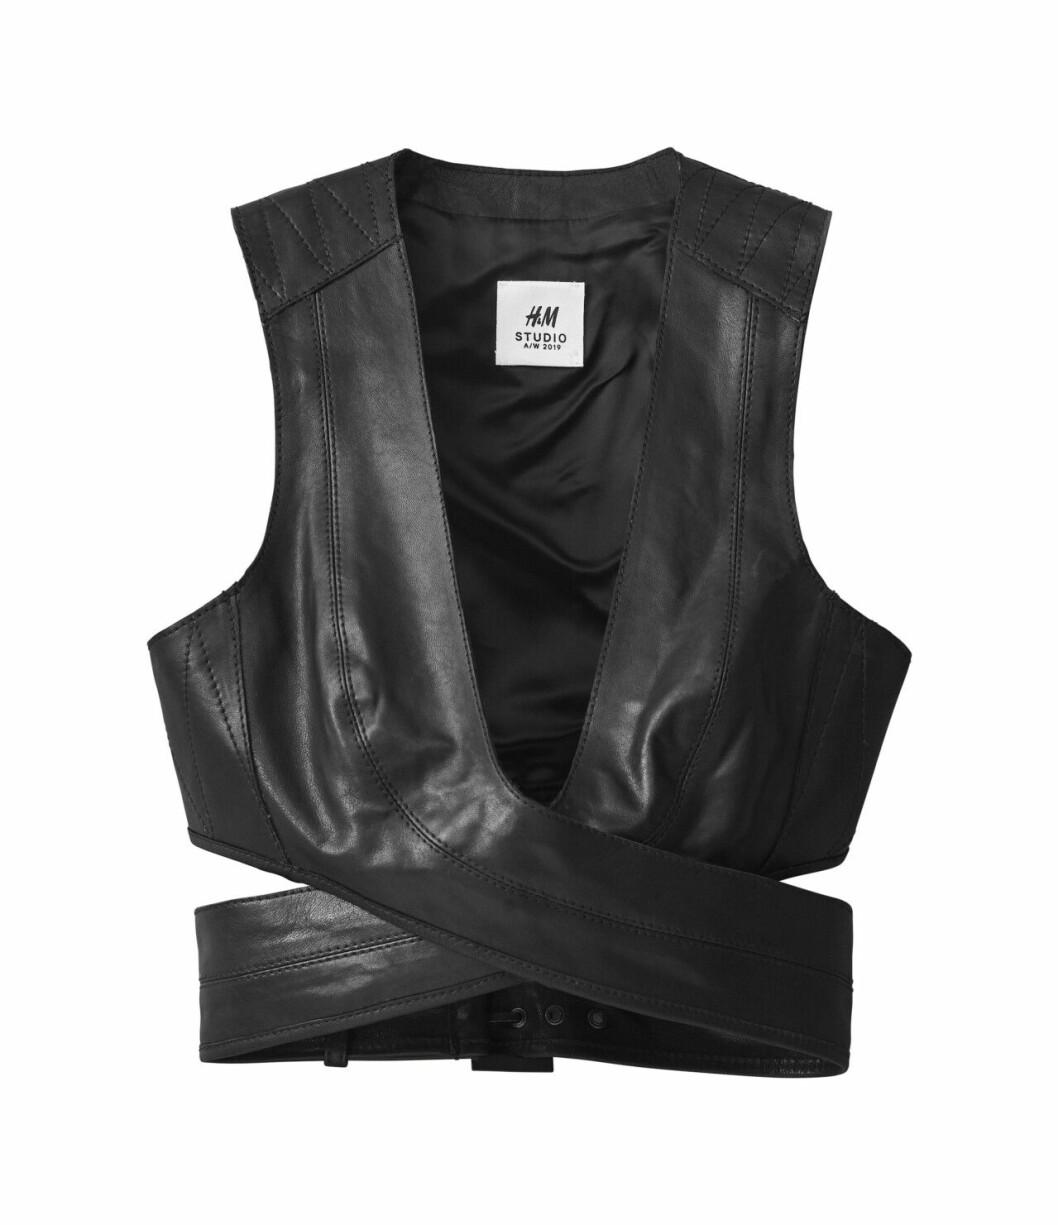 H&M Studio höstkollektion aw 2019 – skinnväst